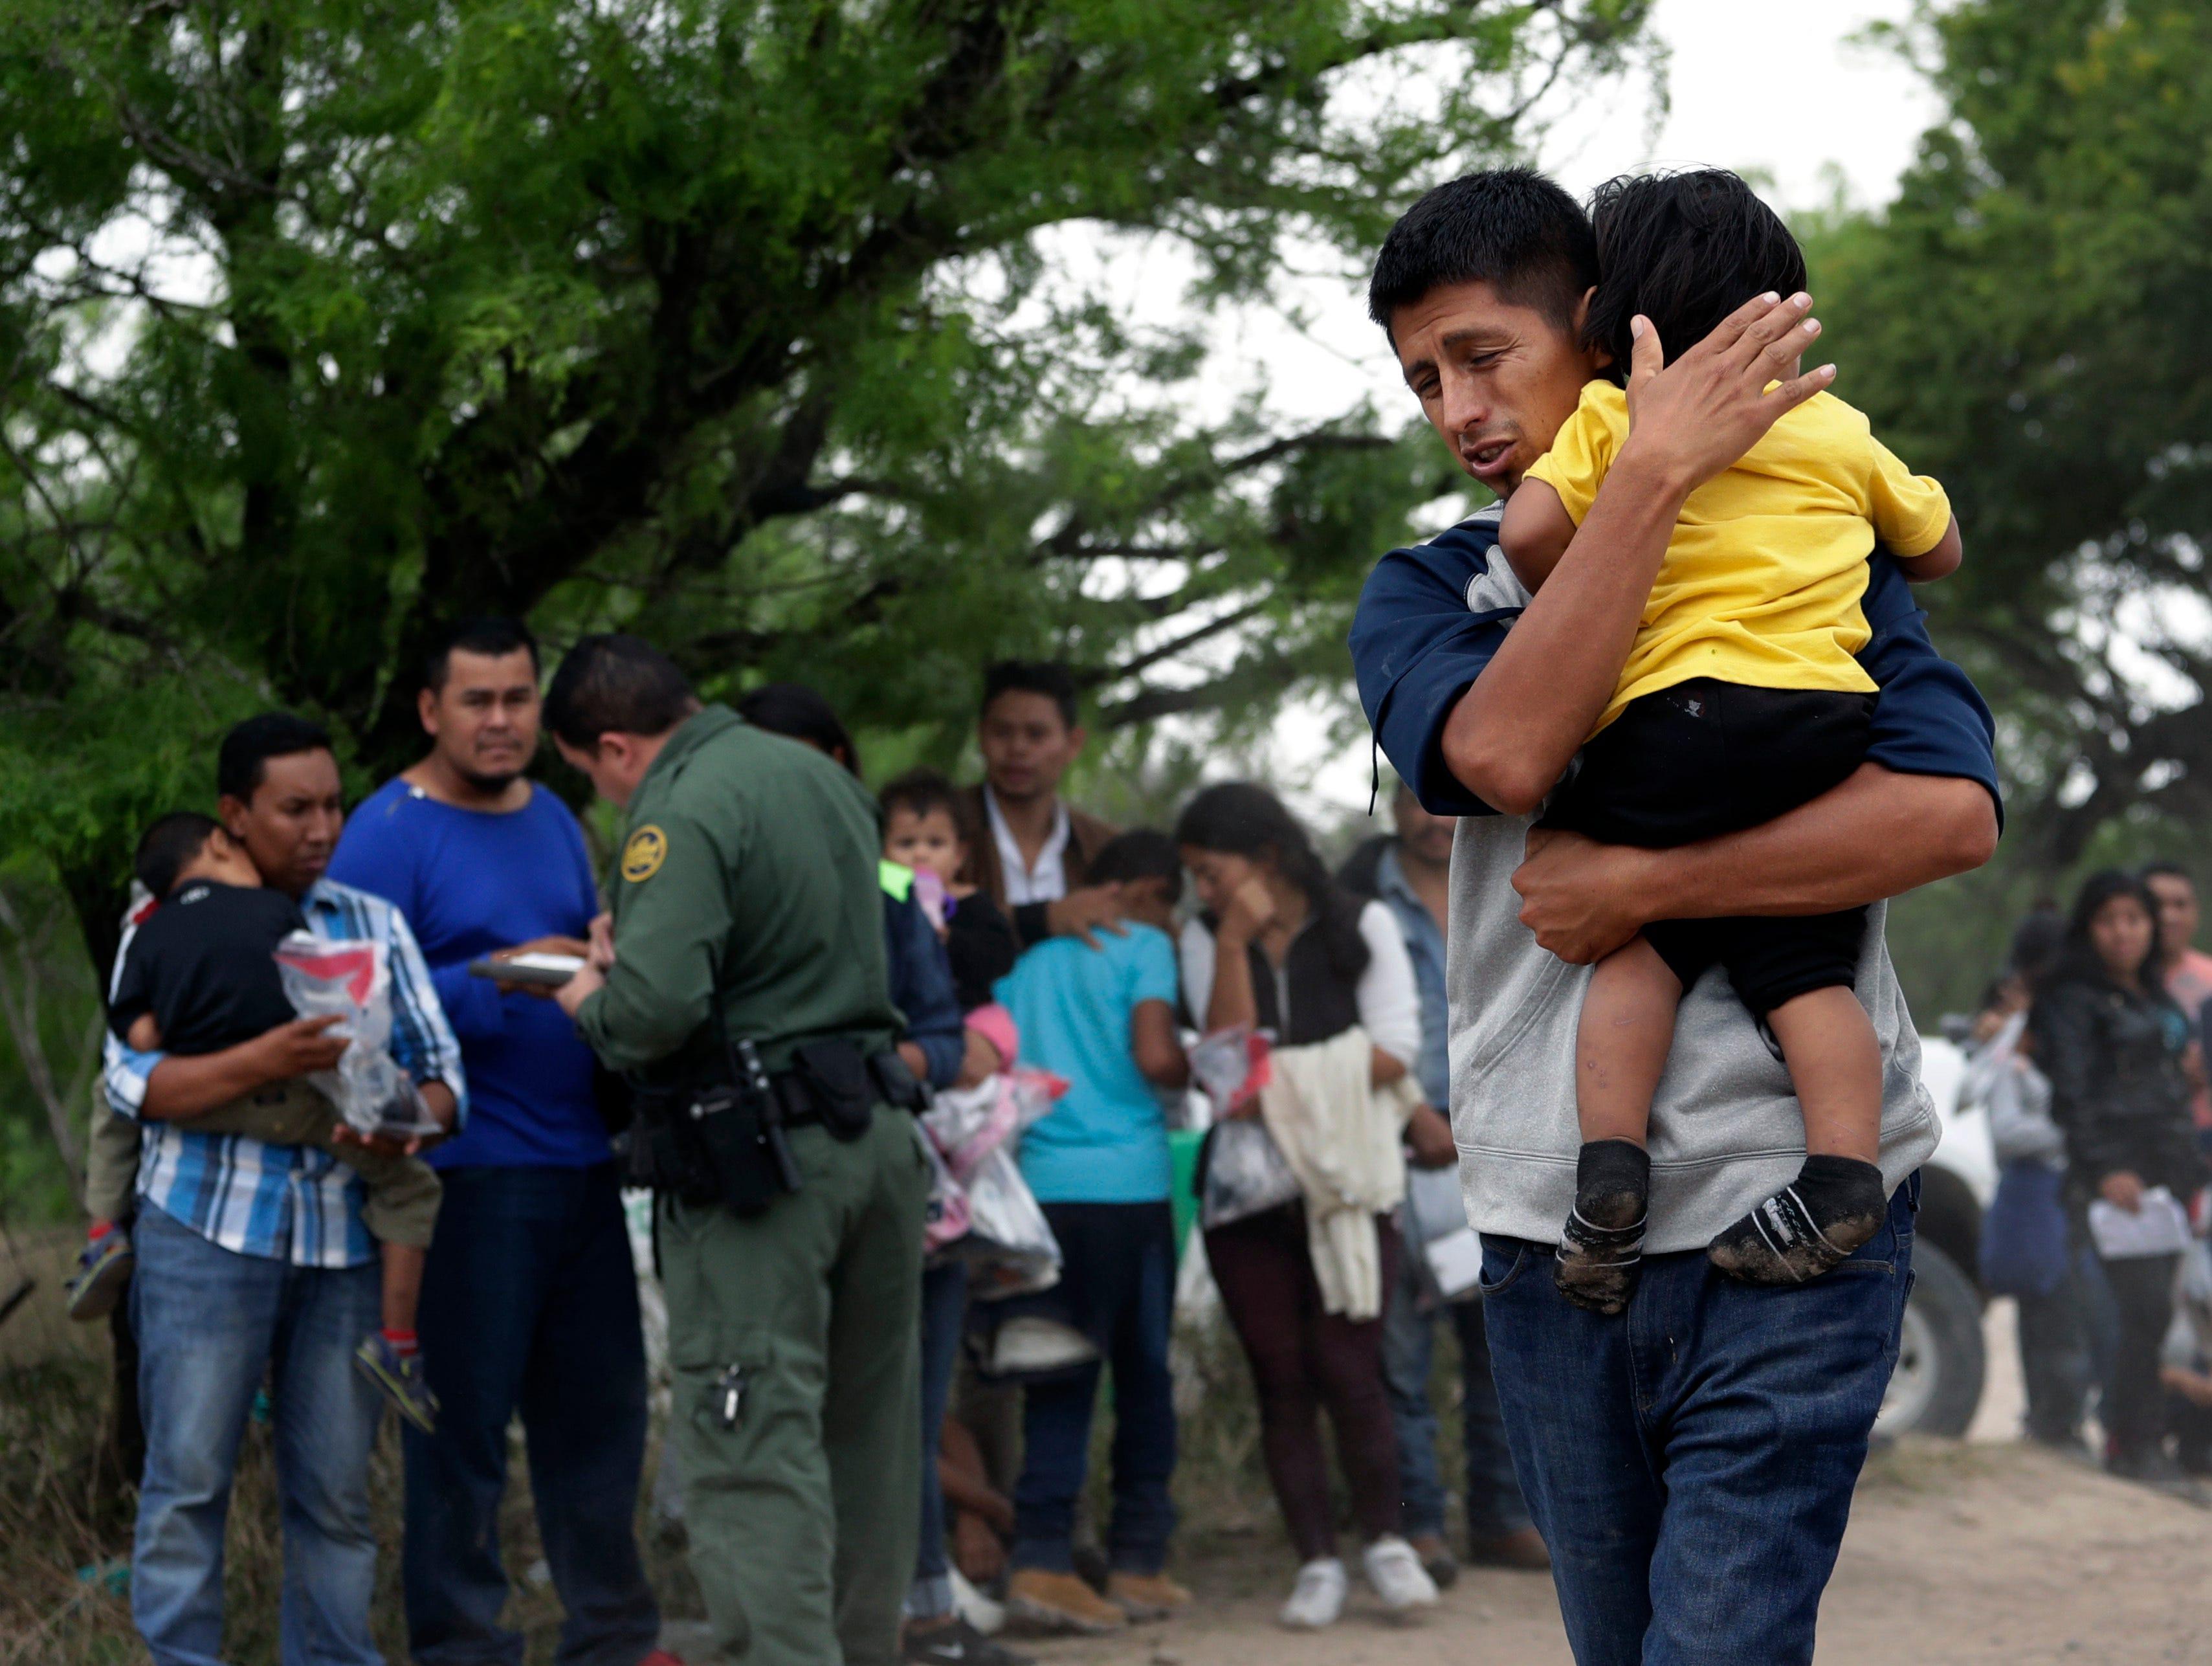 La Patrulla de Fronteras dice que detuvo a unas 66.000 personas que cruzaron la frontera ilegalmente en febrero, incluidas 36.000 que venían en familia. Esto es un récord para un mes.